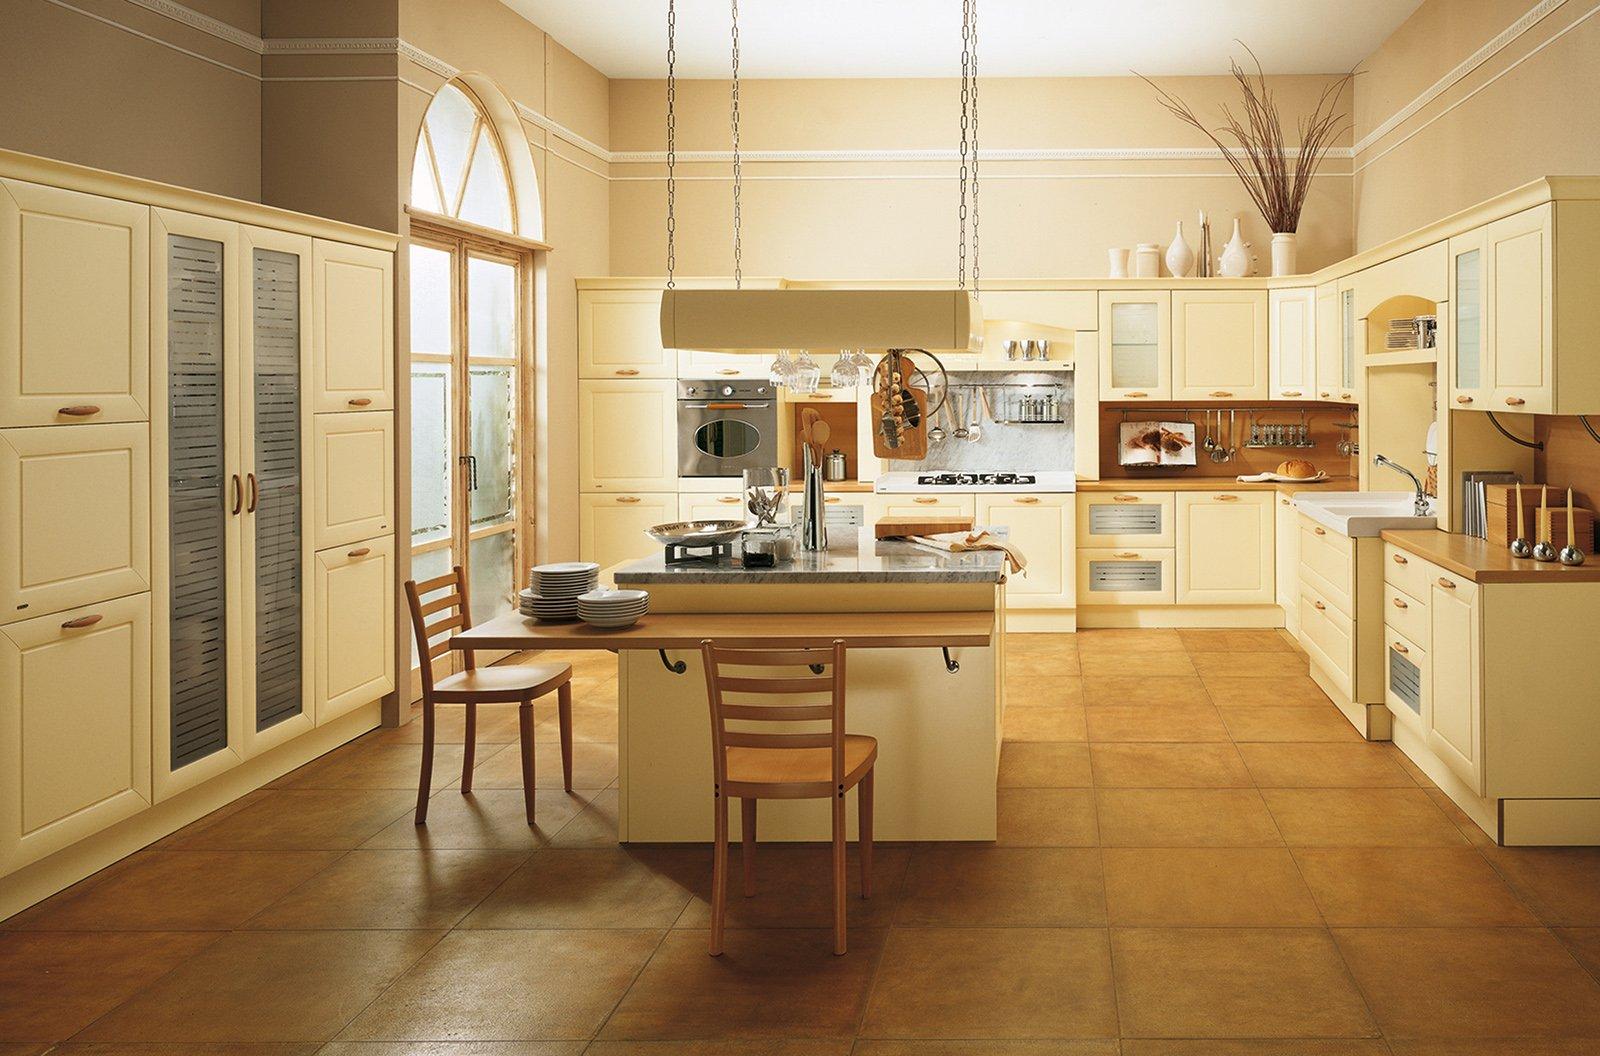 Scic positano legno classico cucine cose di casa - Cucine scic classiche ...